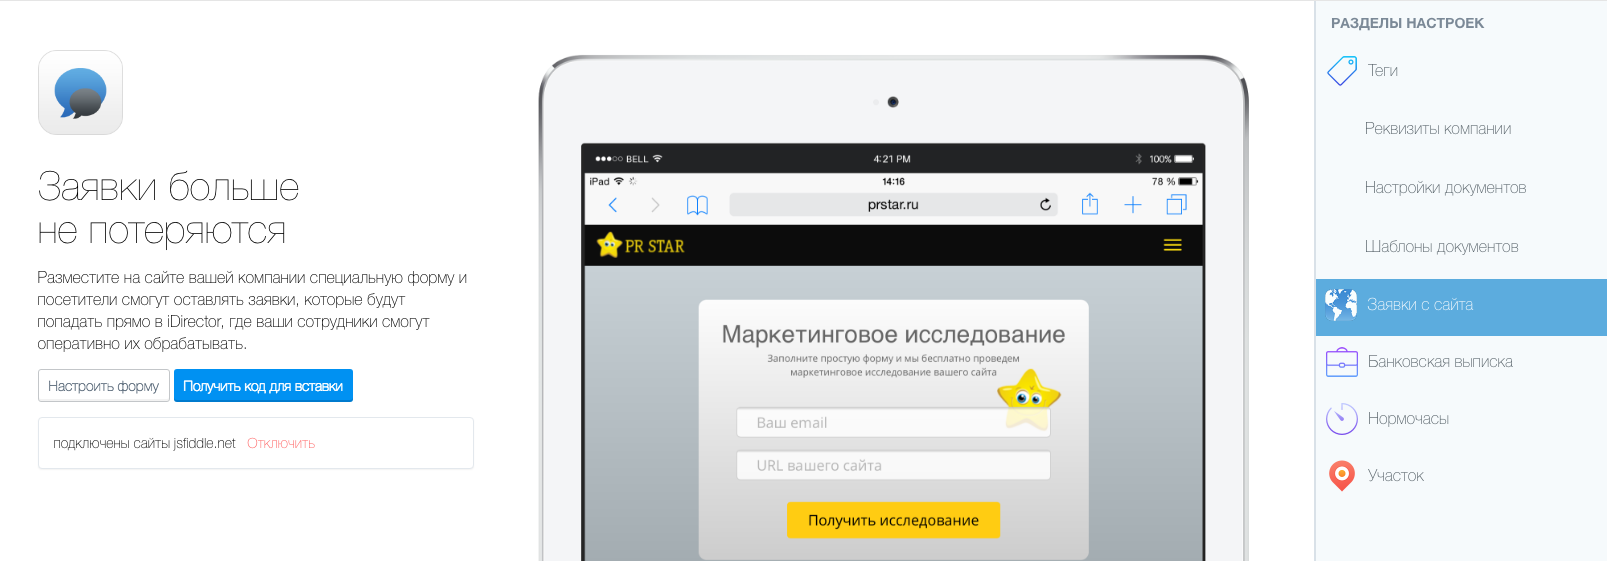 Настройки формы для заявок с сайта - CRM для автосервисов Авто iDirector